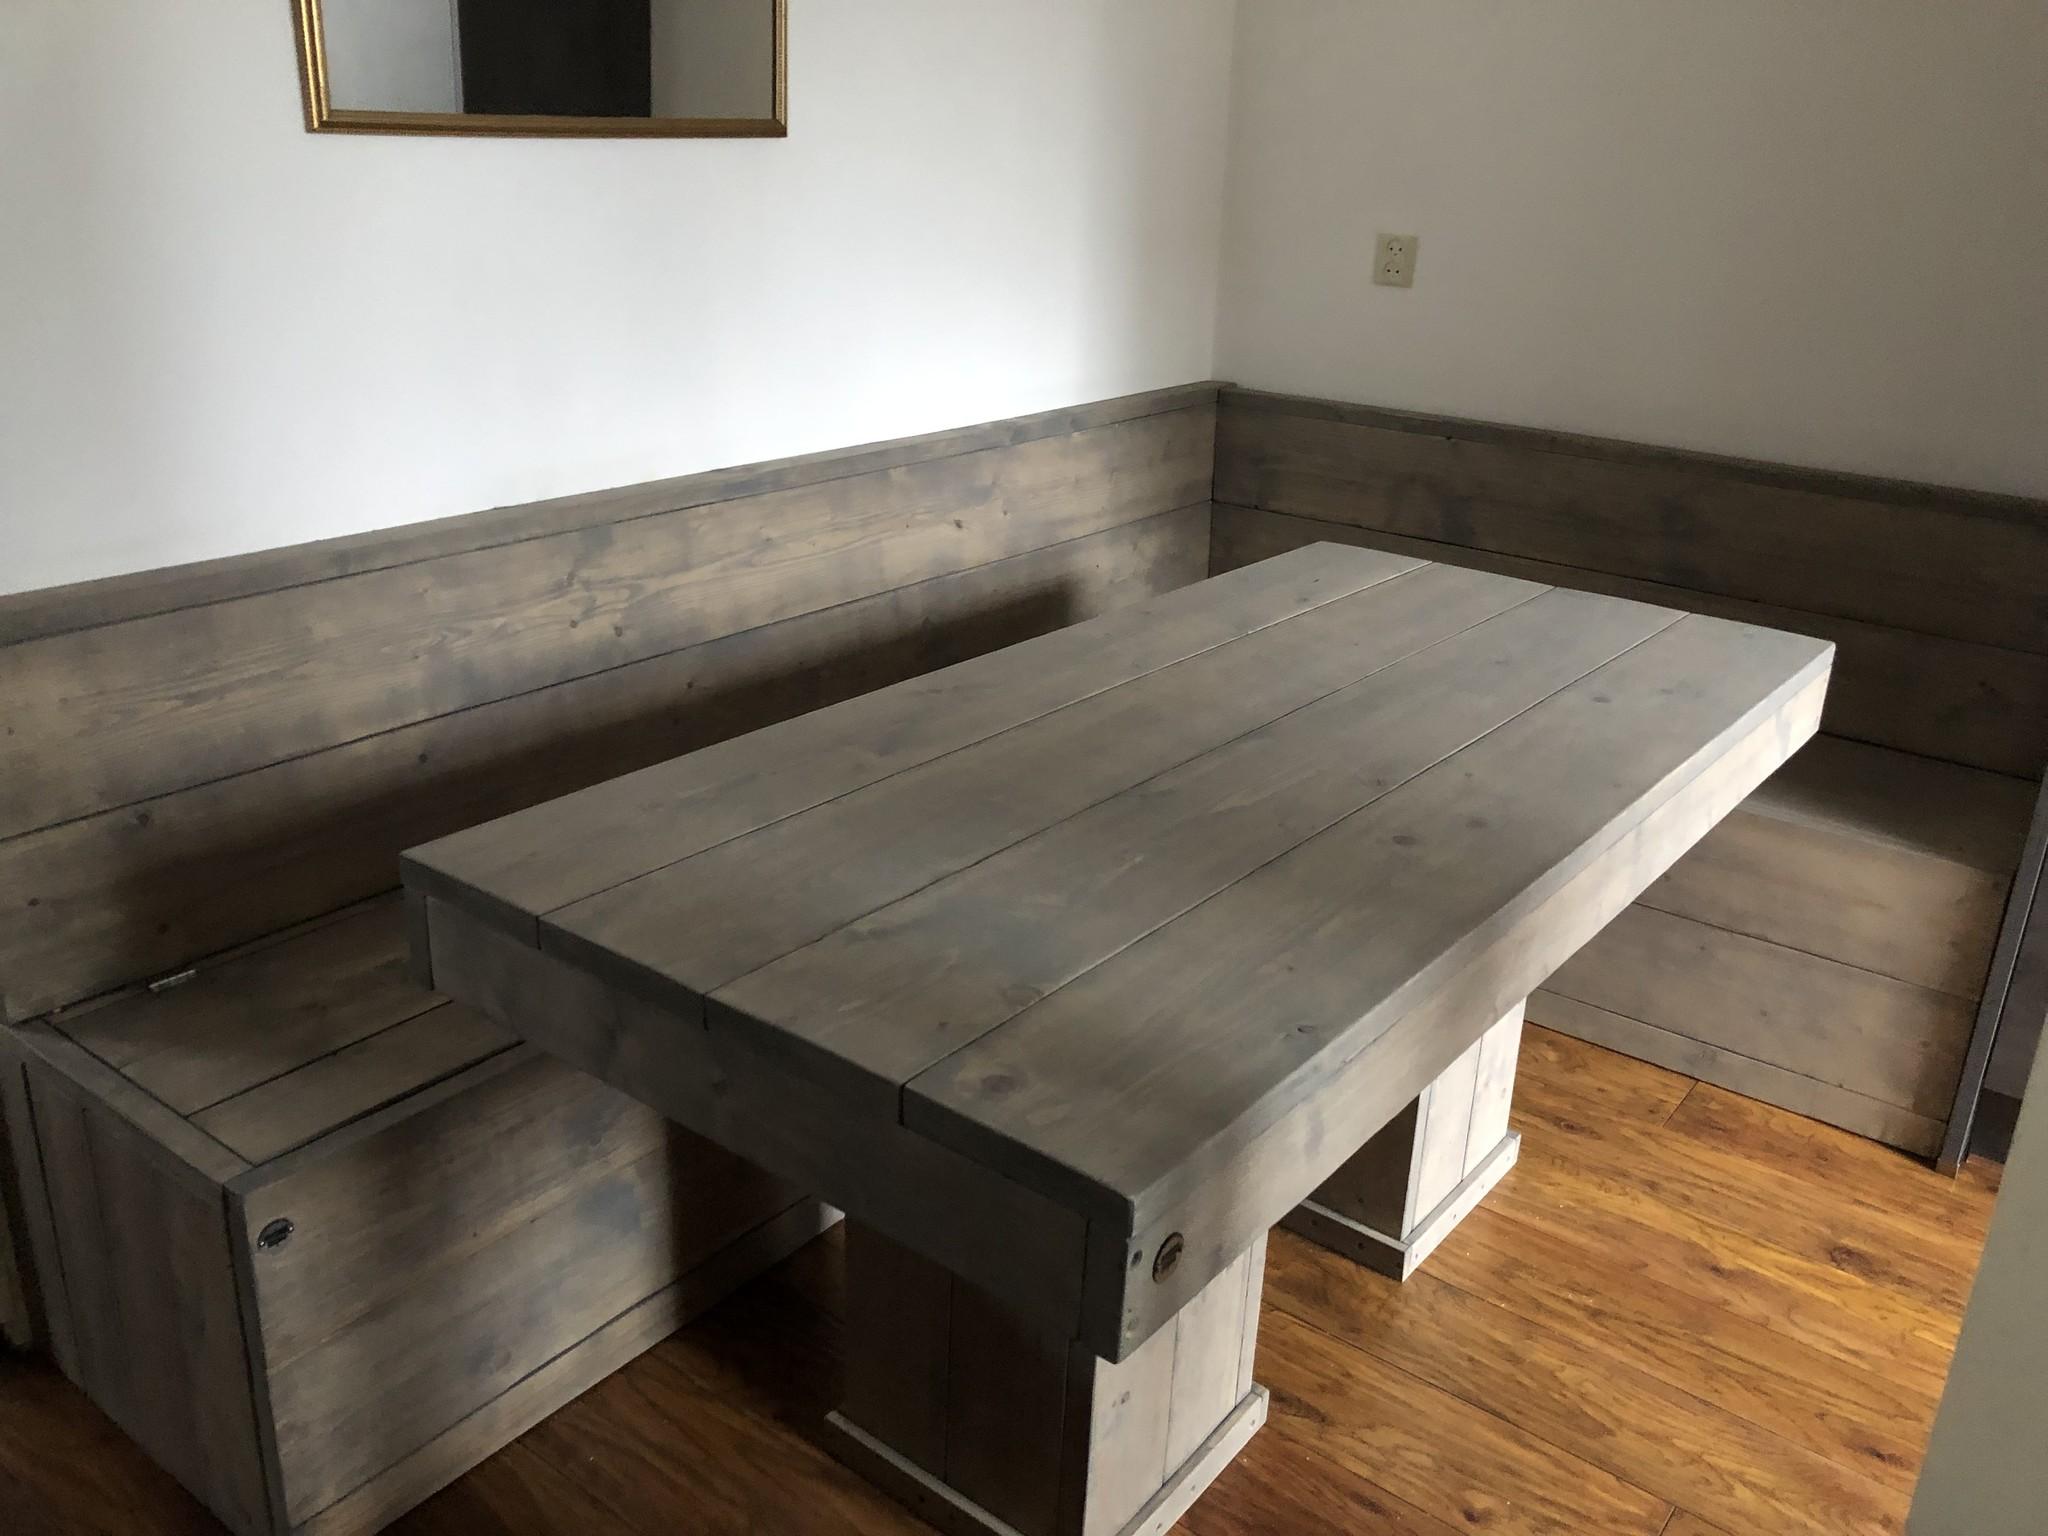 Famke Eettafel, Keukentafel van steigerhout